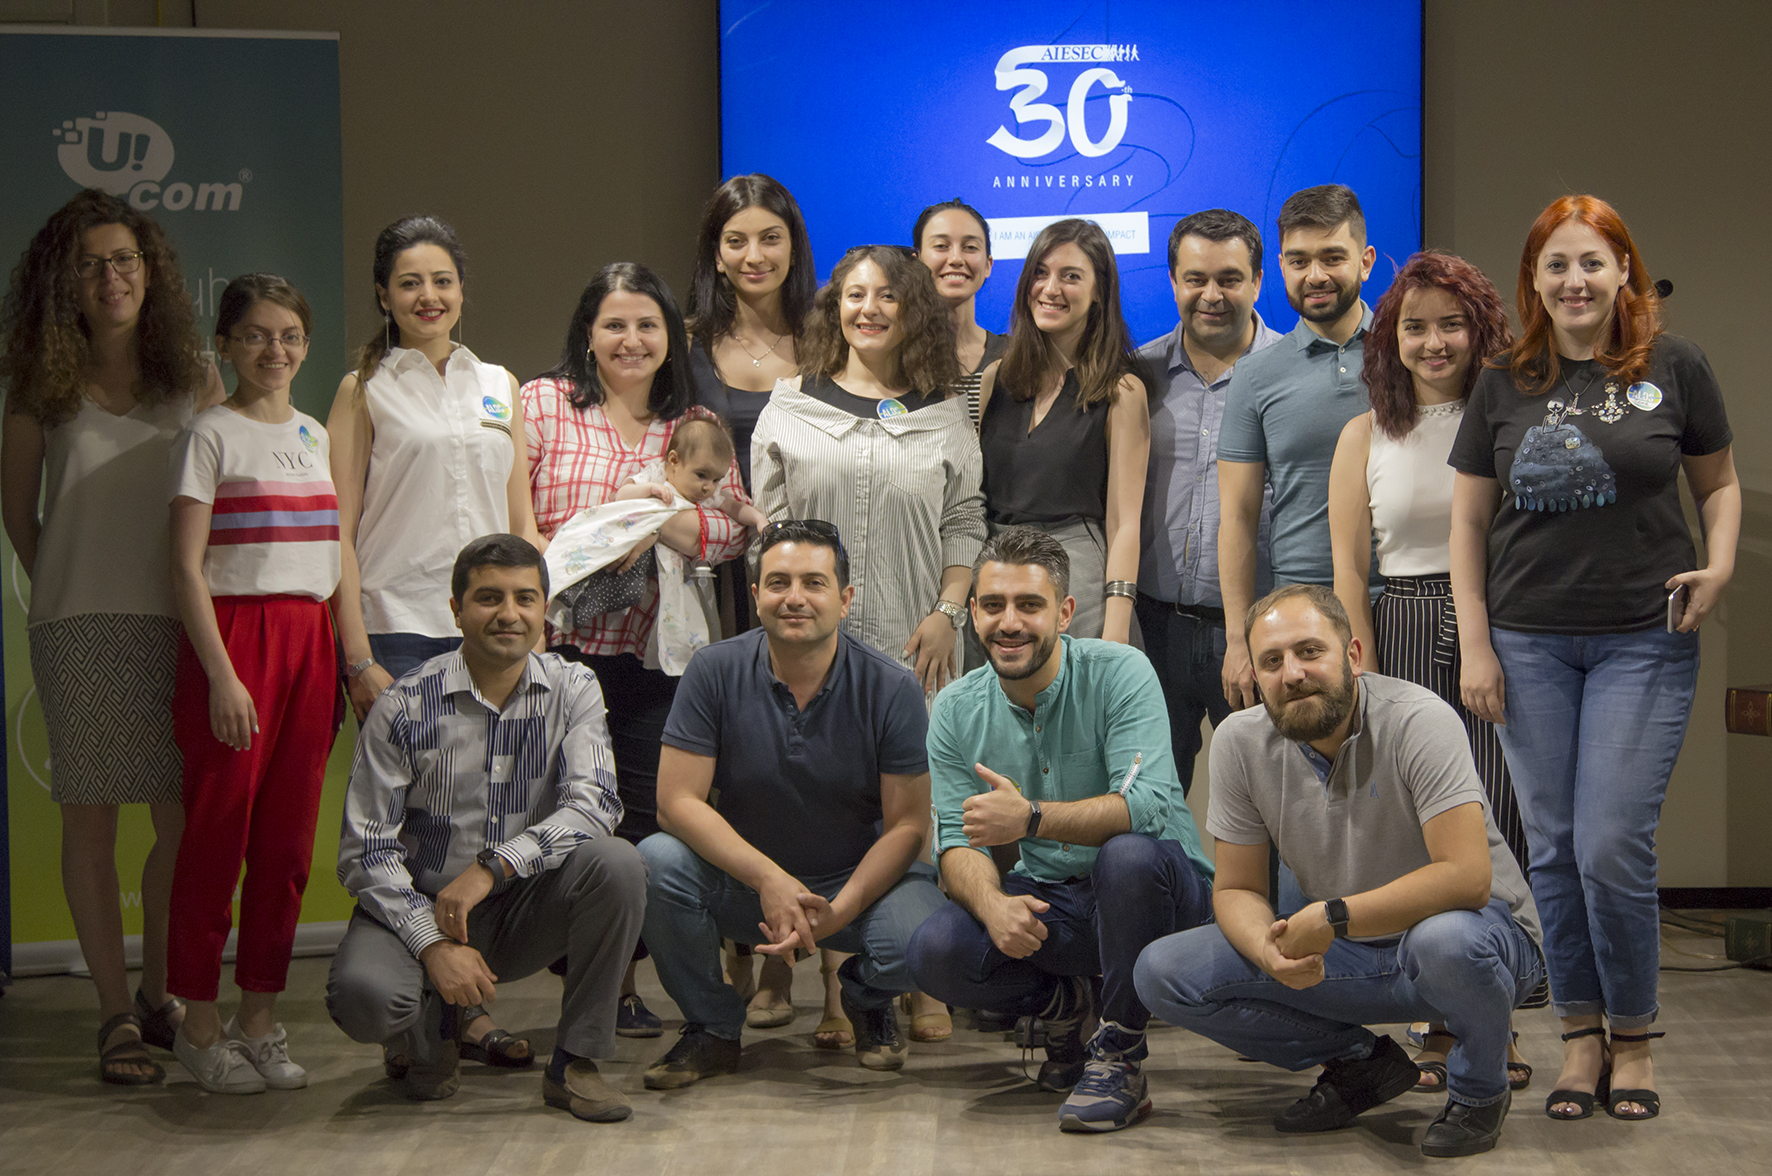 «ԱՅՍԵԿ-Հայաստան» երիտասարդական կազմակերպության 30-ամյակի միջոցառումները շարունակվում են